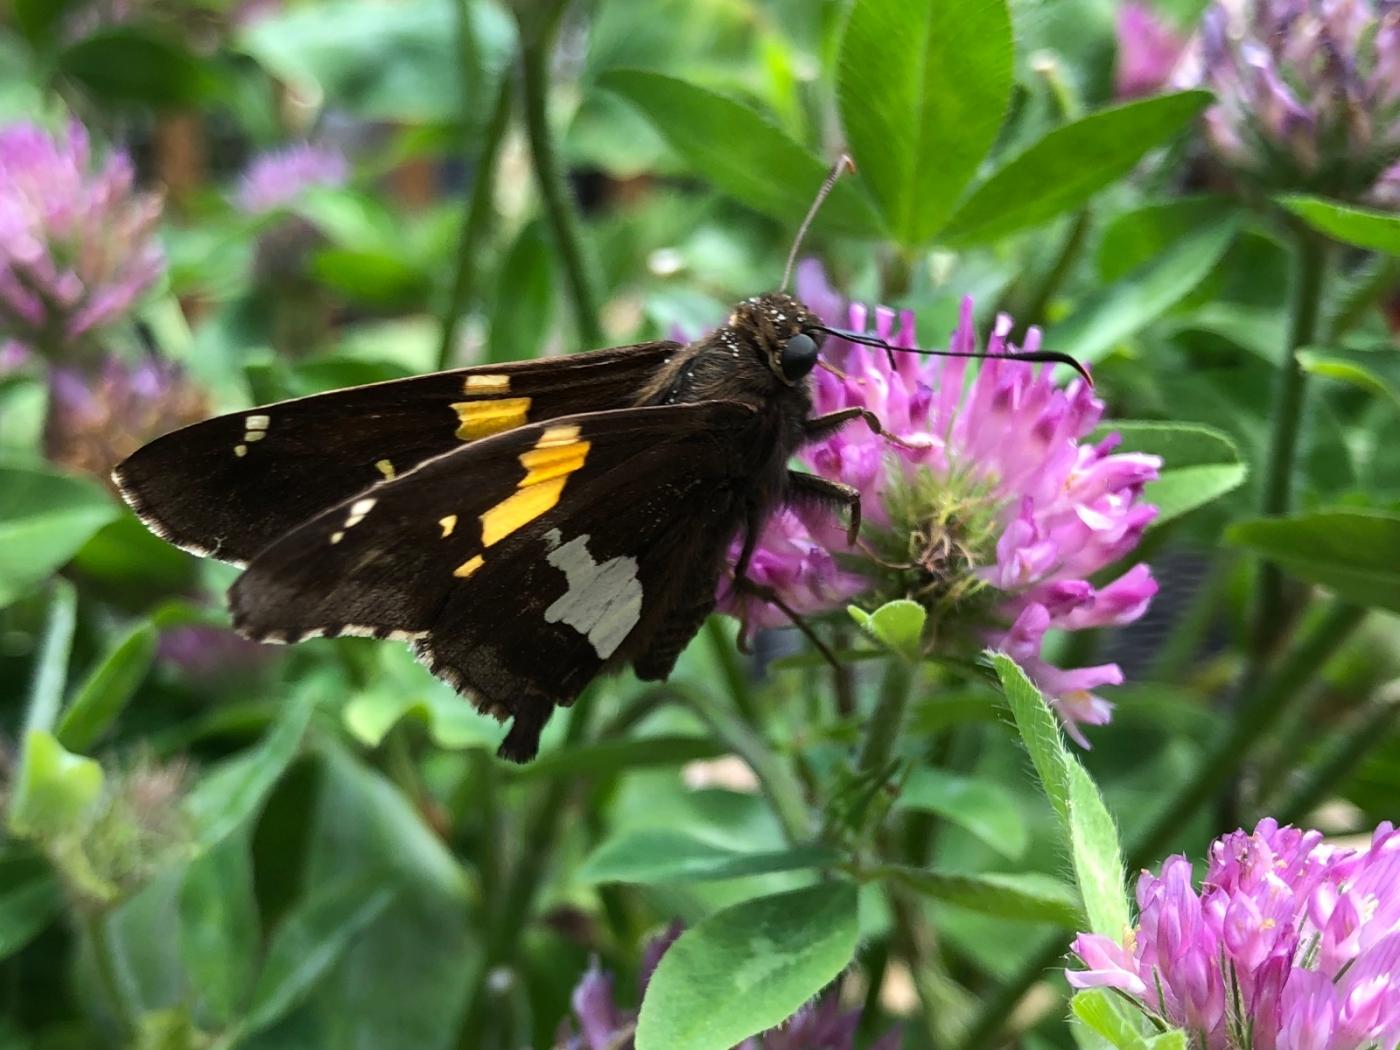 【田螺随拍】我种了马鞭草蝴蝶就来了_图1-4